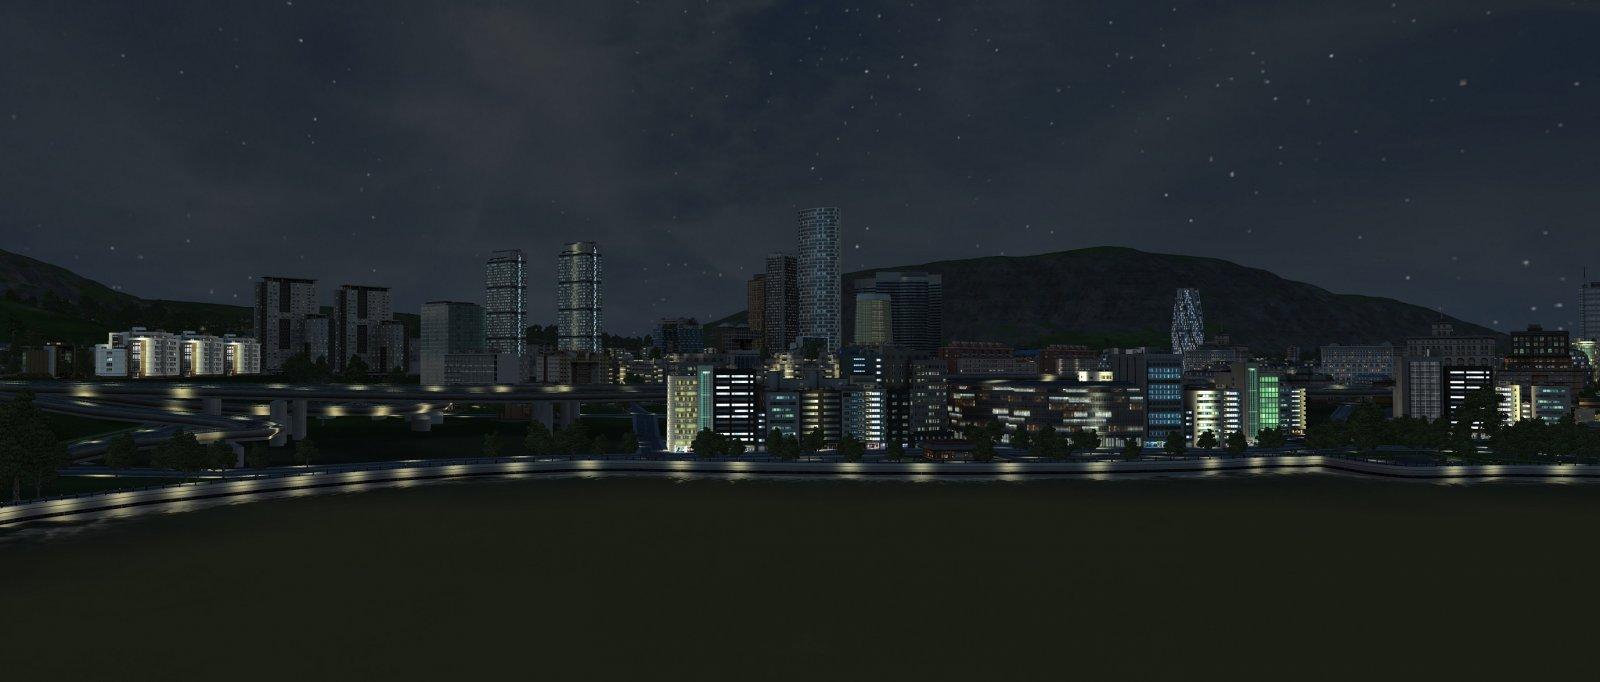 CJ Panorama öösel.jpg